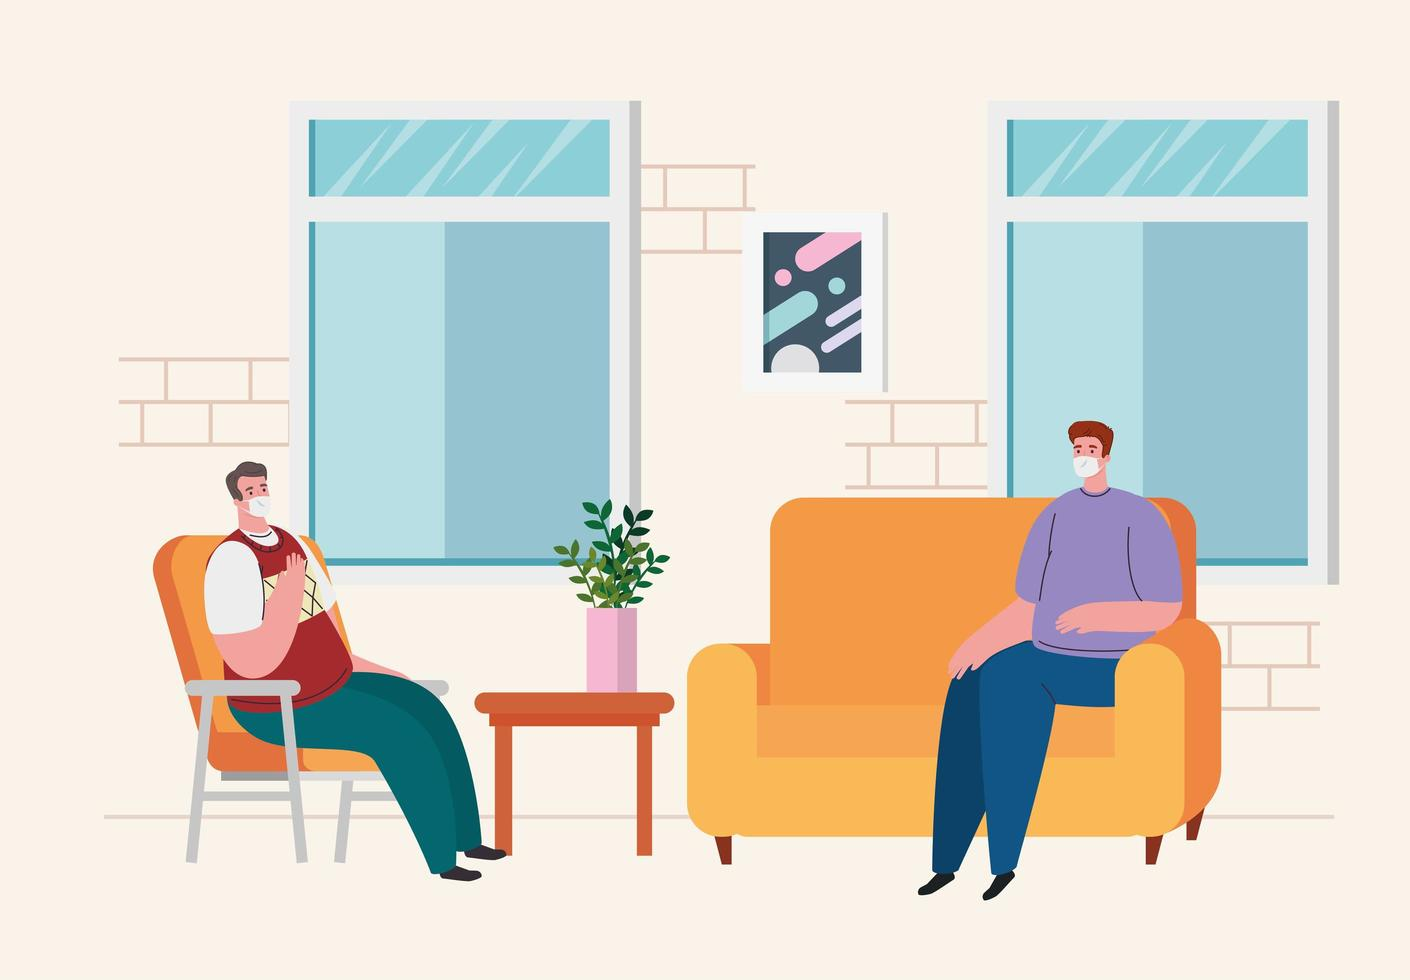 homens no sofá em casa para quarentena de coronavírus vetor